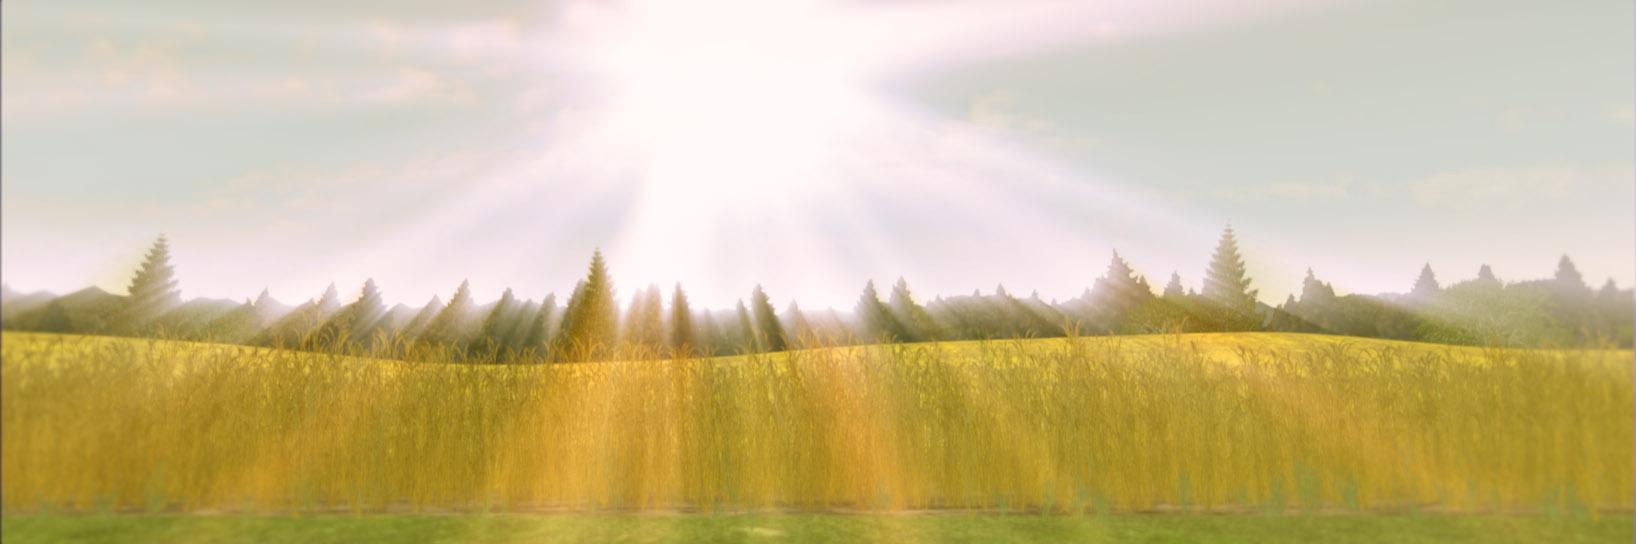 FIERA_wheat3.jpg